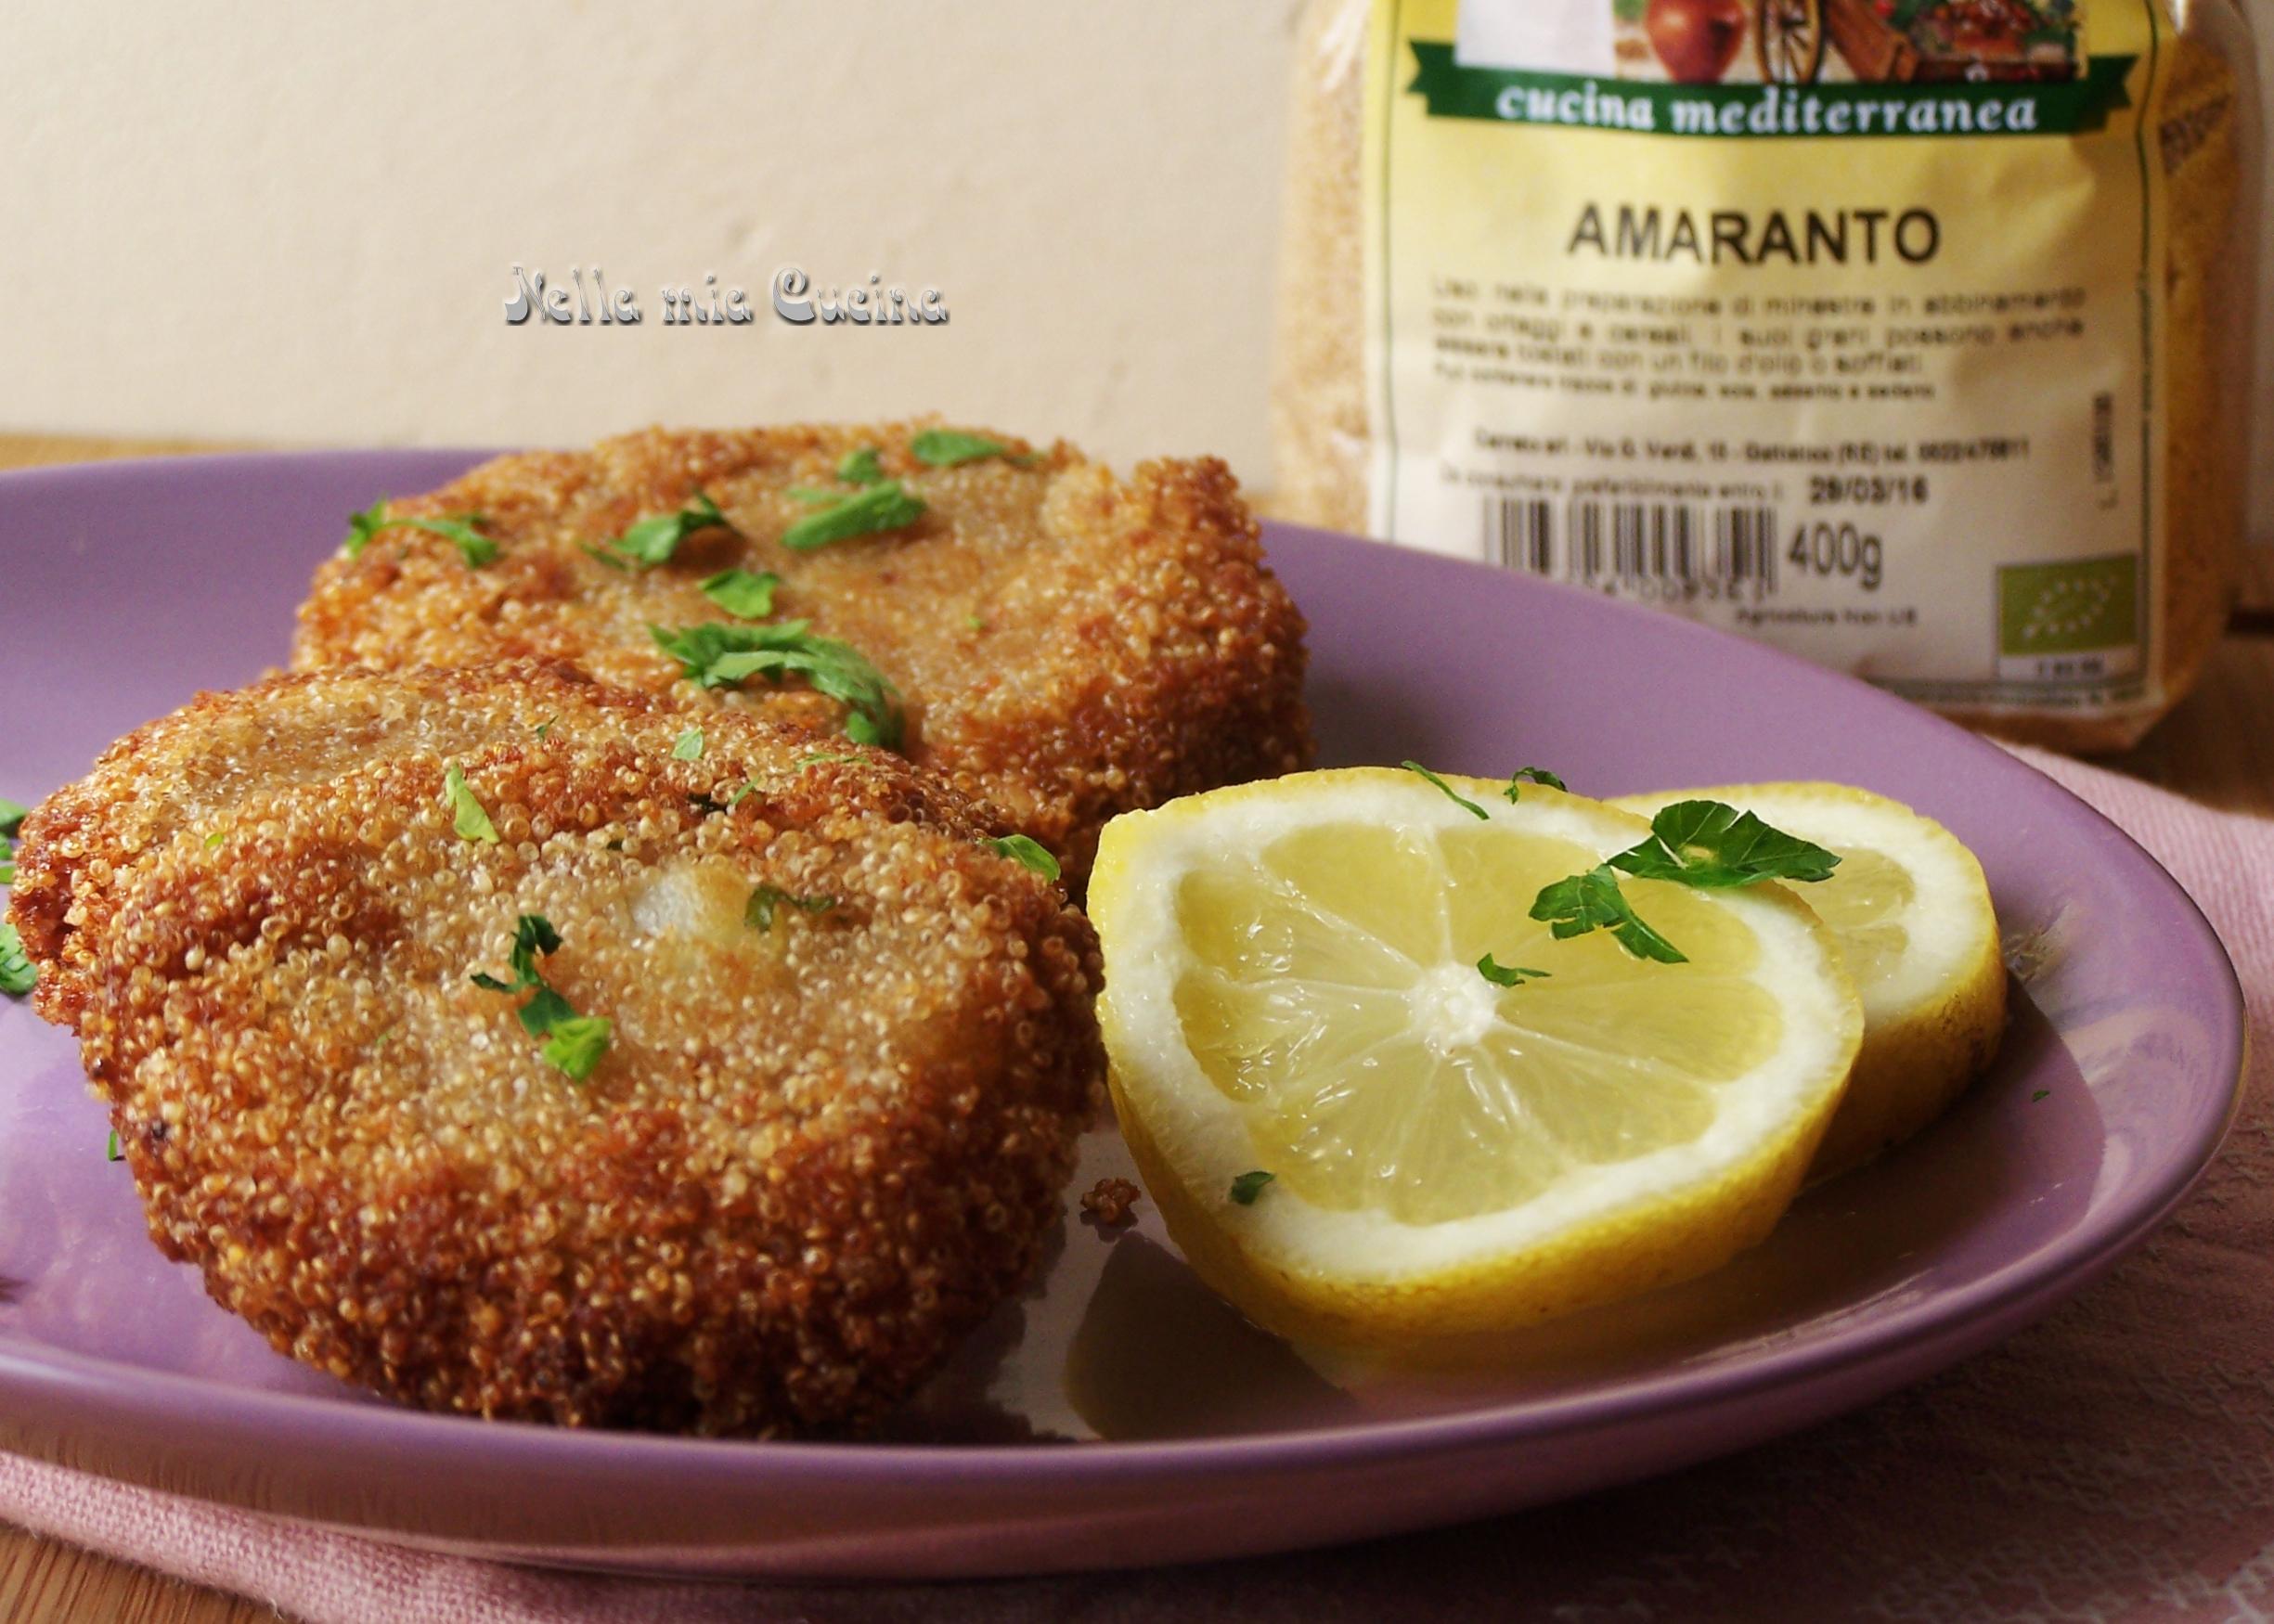 Amaranto come si cucina images come cucinare l amaranto